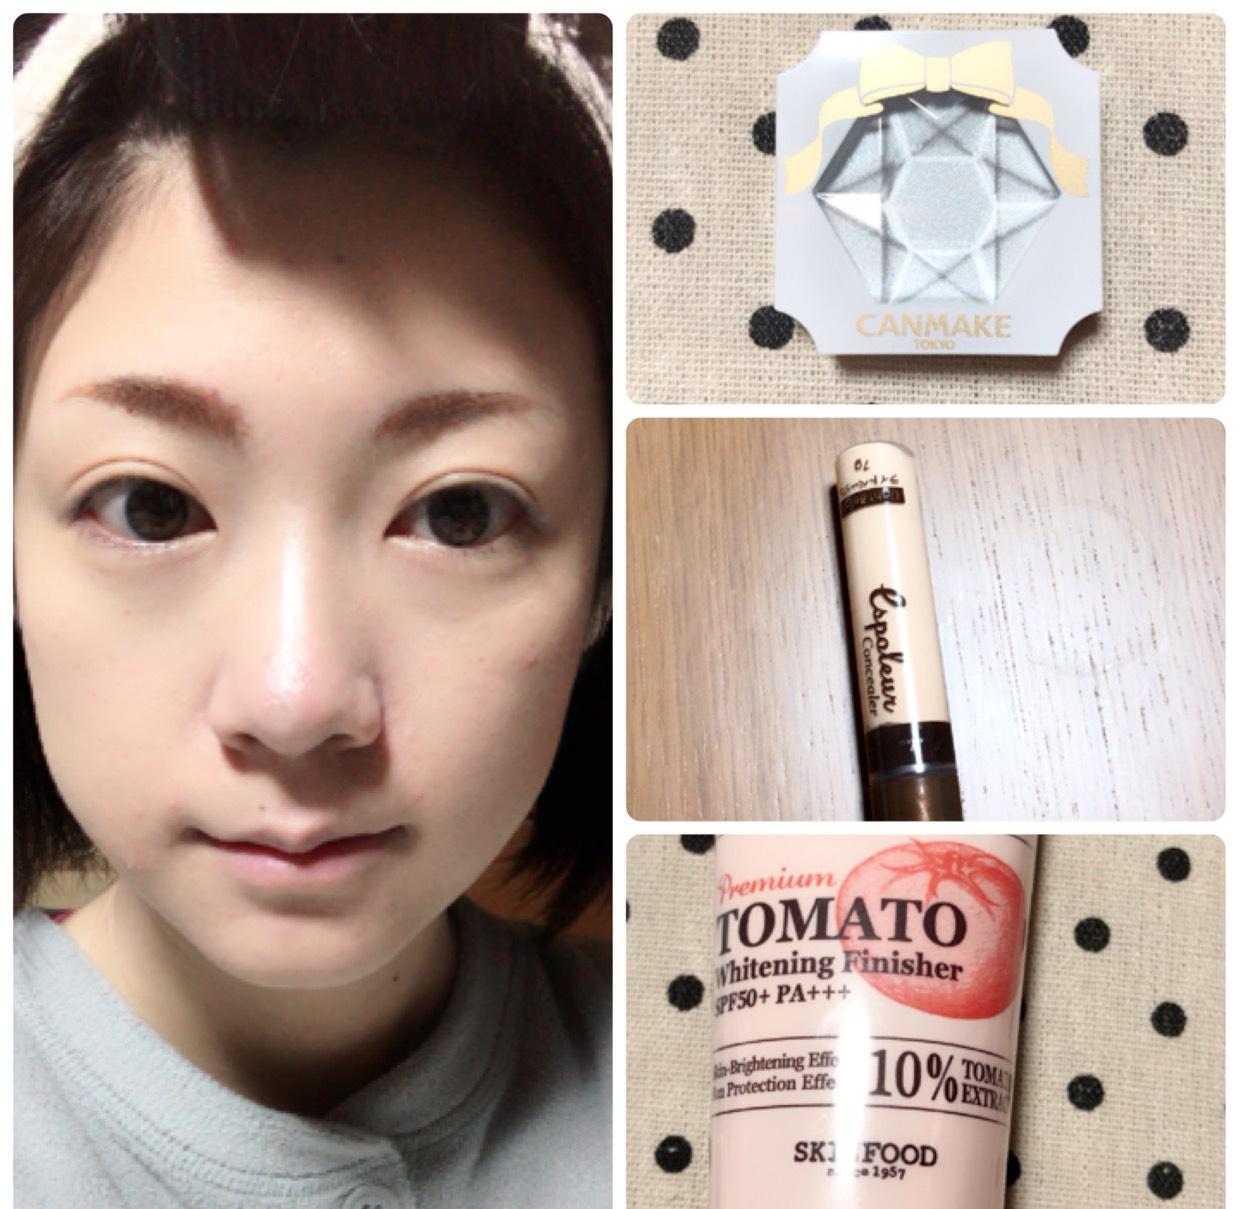 SKINFOODのトマトの下地を塗り、BBクリーム→コンシーラー→クリームハイライトの順に塗り、その上からマシュマロフィニッシュパウダーをブラシで塗ります。